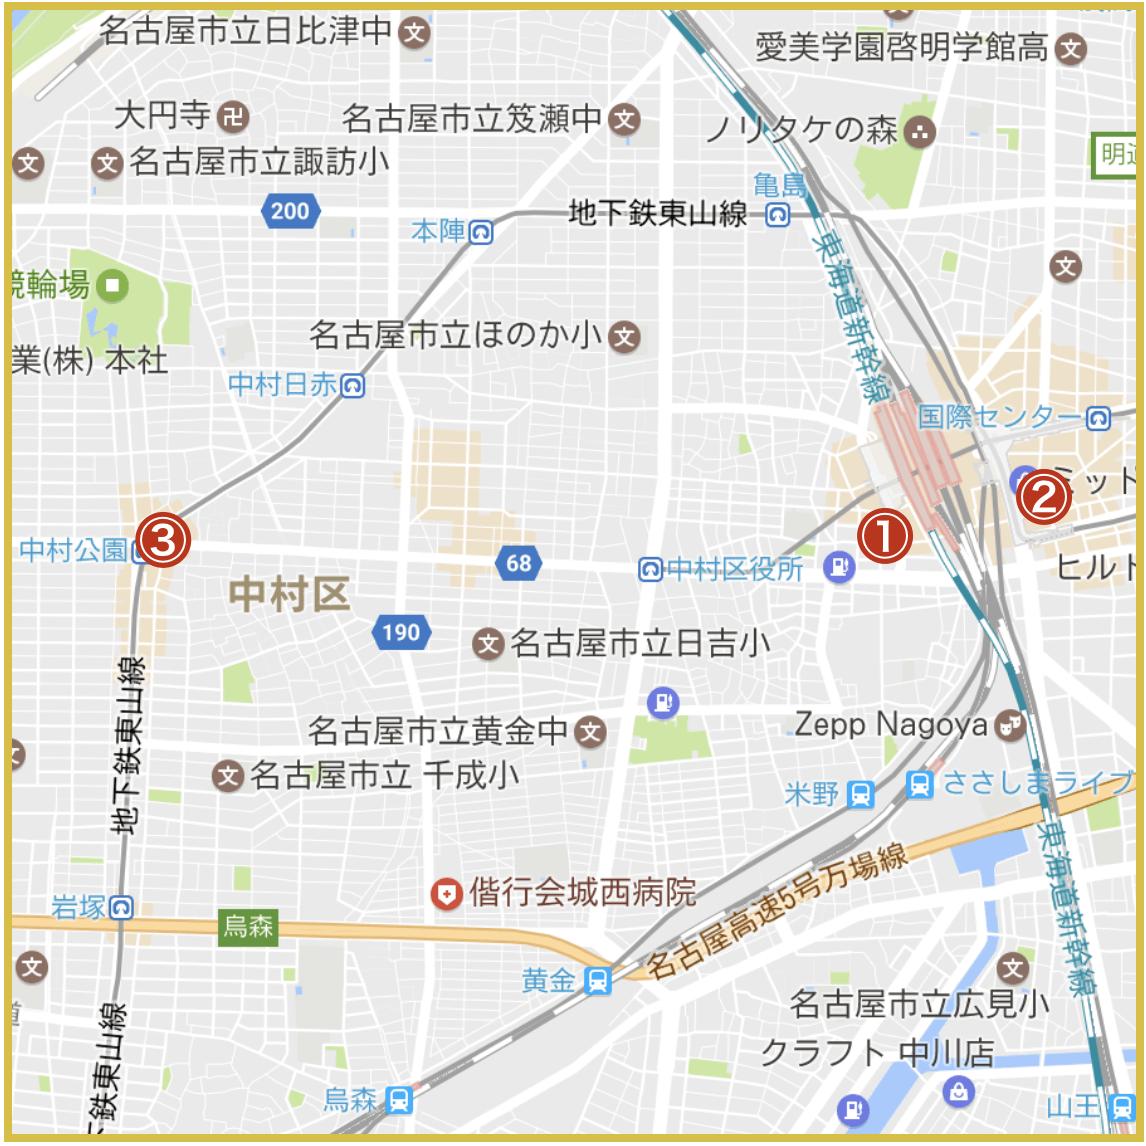 名古屋市中村区にあるアコム店舗・ATMの位置(2020年4月版)